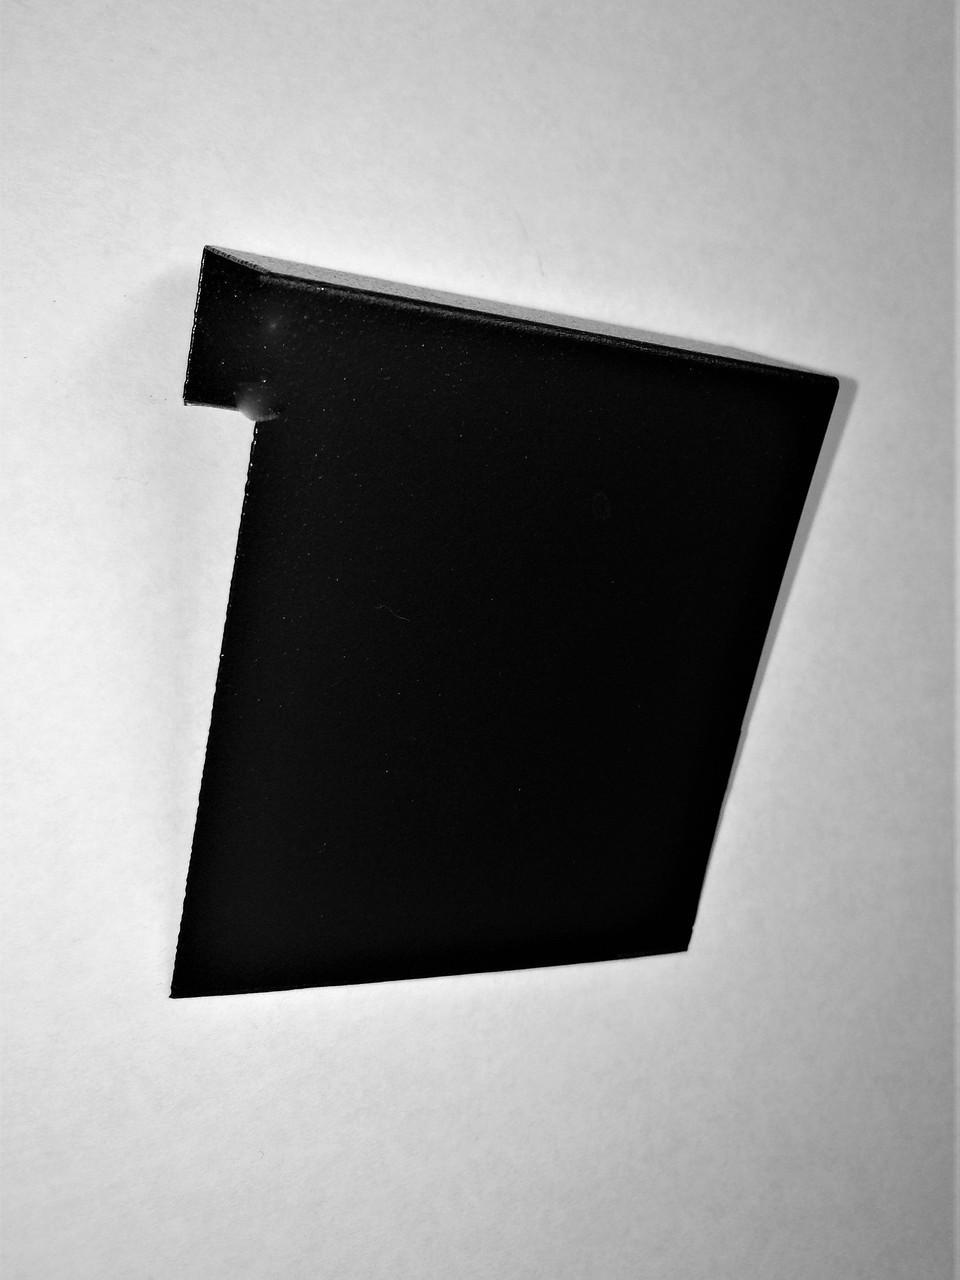 Меловой ценник 7х7 см П-образный на полку. Грифельная табличка на стеллаж. Для надписей мелом и маркером.